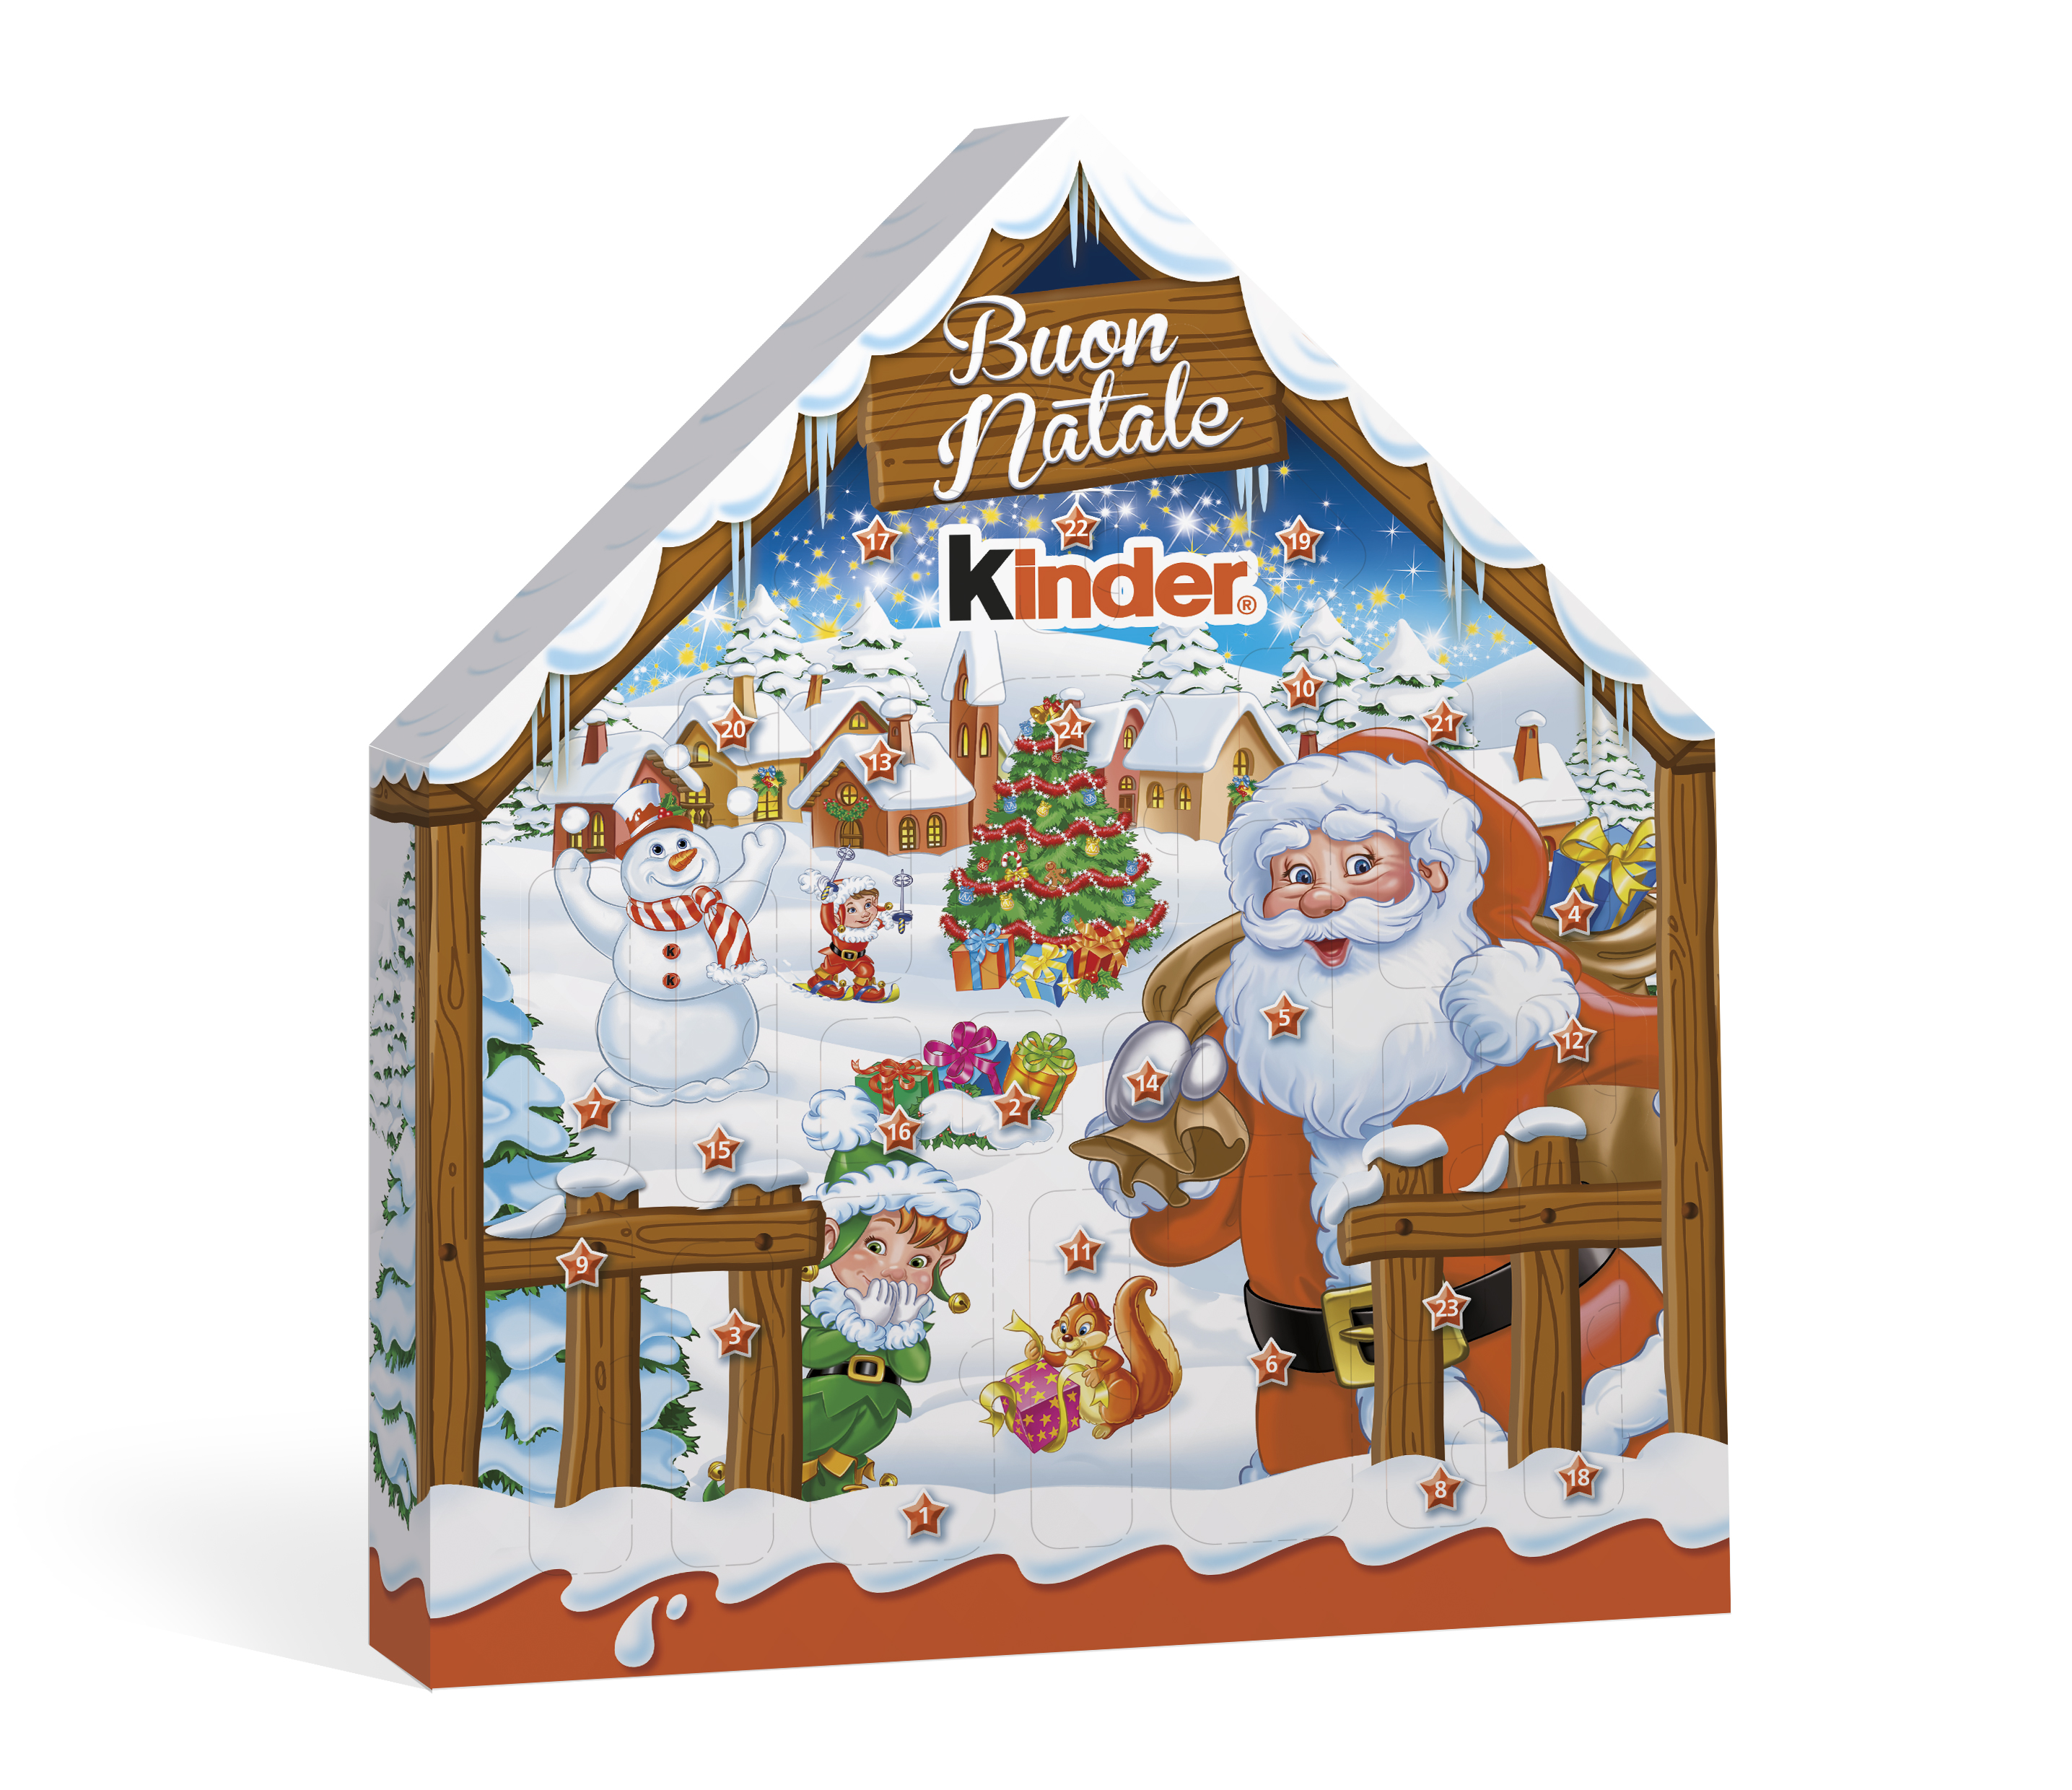 Calendario Avvento Kinder Prezzo.Con Kinder Il Natale E Piu Bello Mamma Al Top